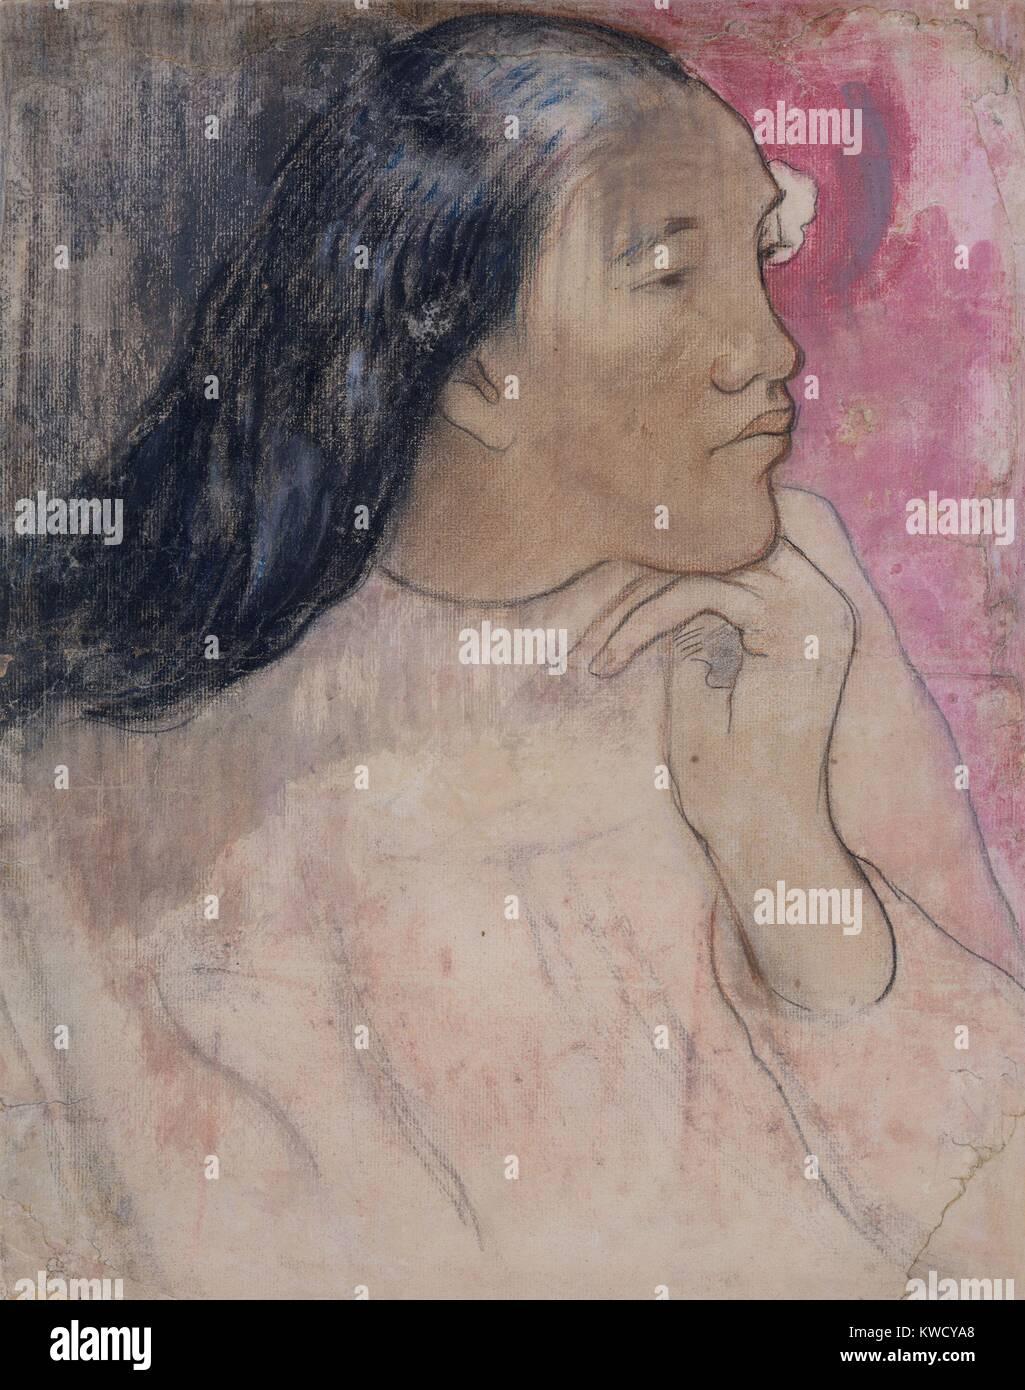 Il tahitiano donna con un fiore tra i suoi capelli, di Paul Gauguin, 1891-92, Francese Post-Impressionism. Si tratta Immagini Stock